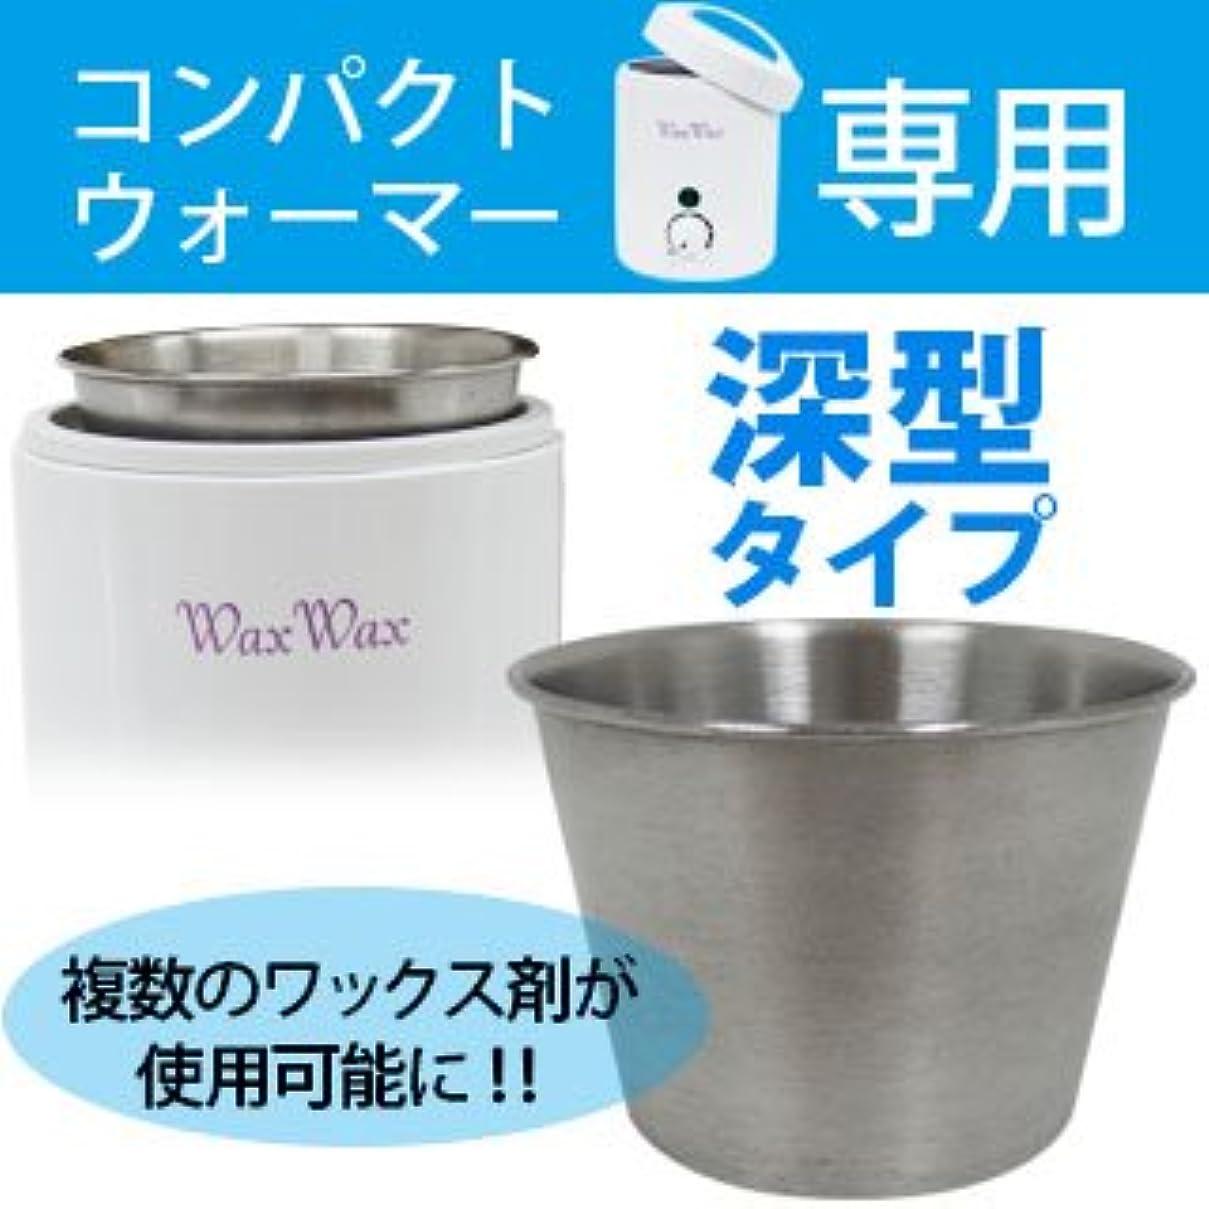 不一致スキル解決する【深型】コンパクトウォーマー専用 ハードワックス缶 空き缶 ナベ 鍋 ハード専用